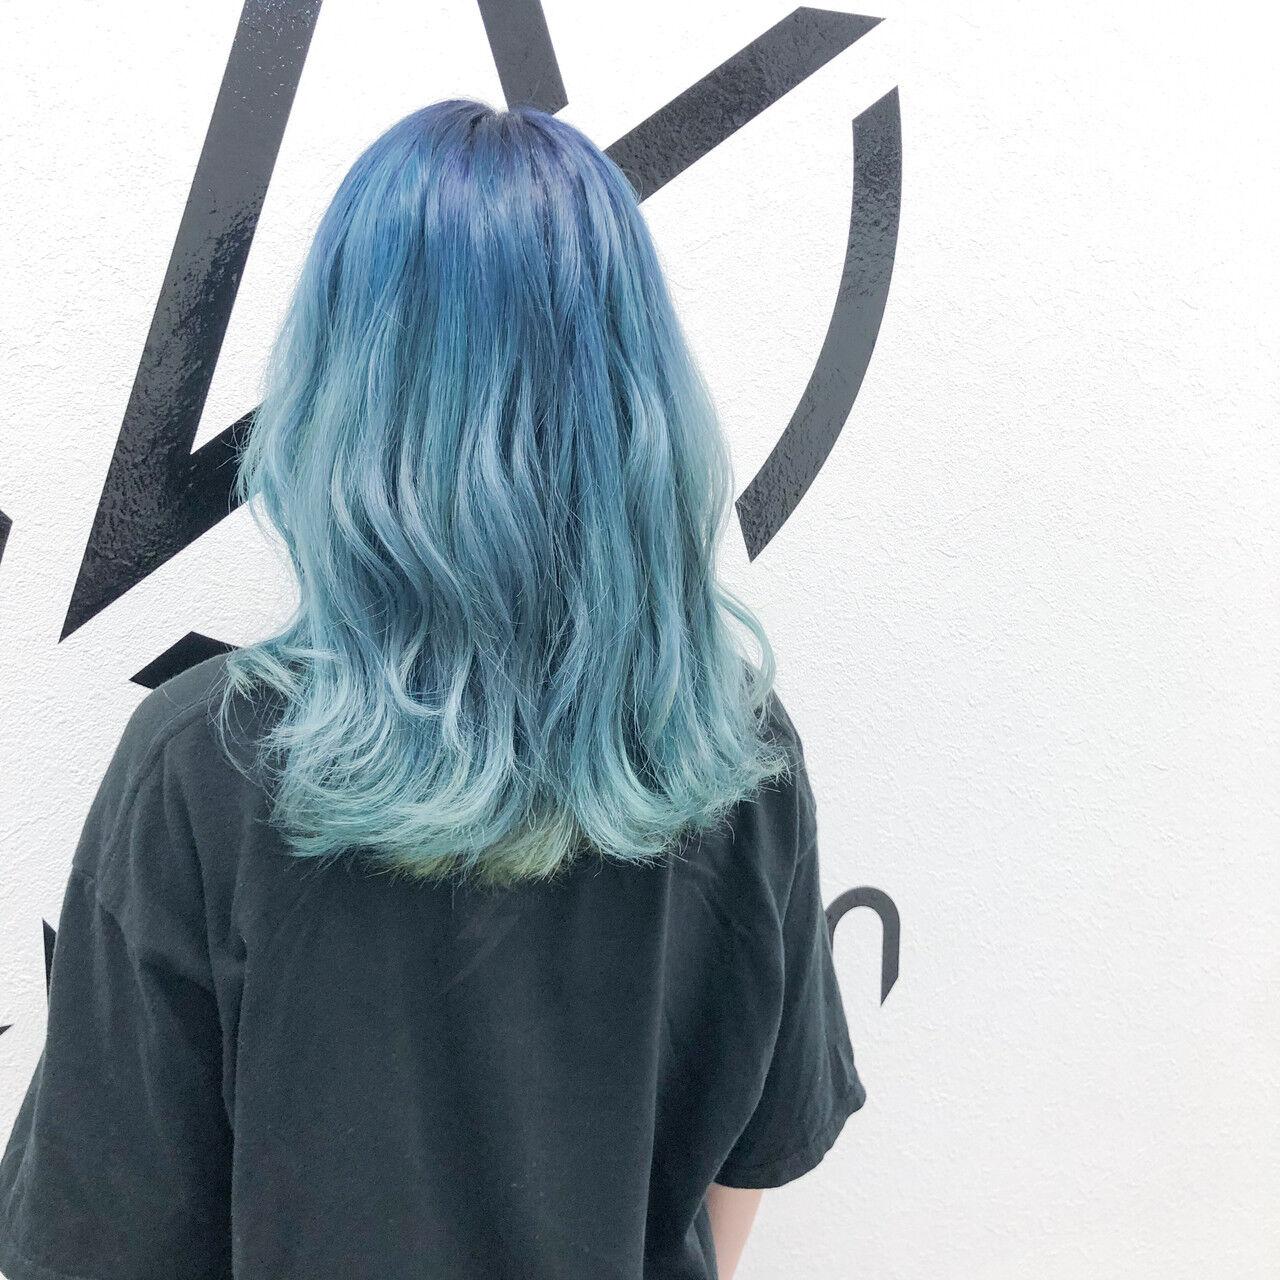 ホワイトブリーチ ストリート グラデーションカラー セミロングヘアスタイルや髪型の写真・画像